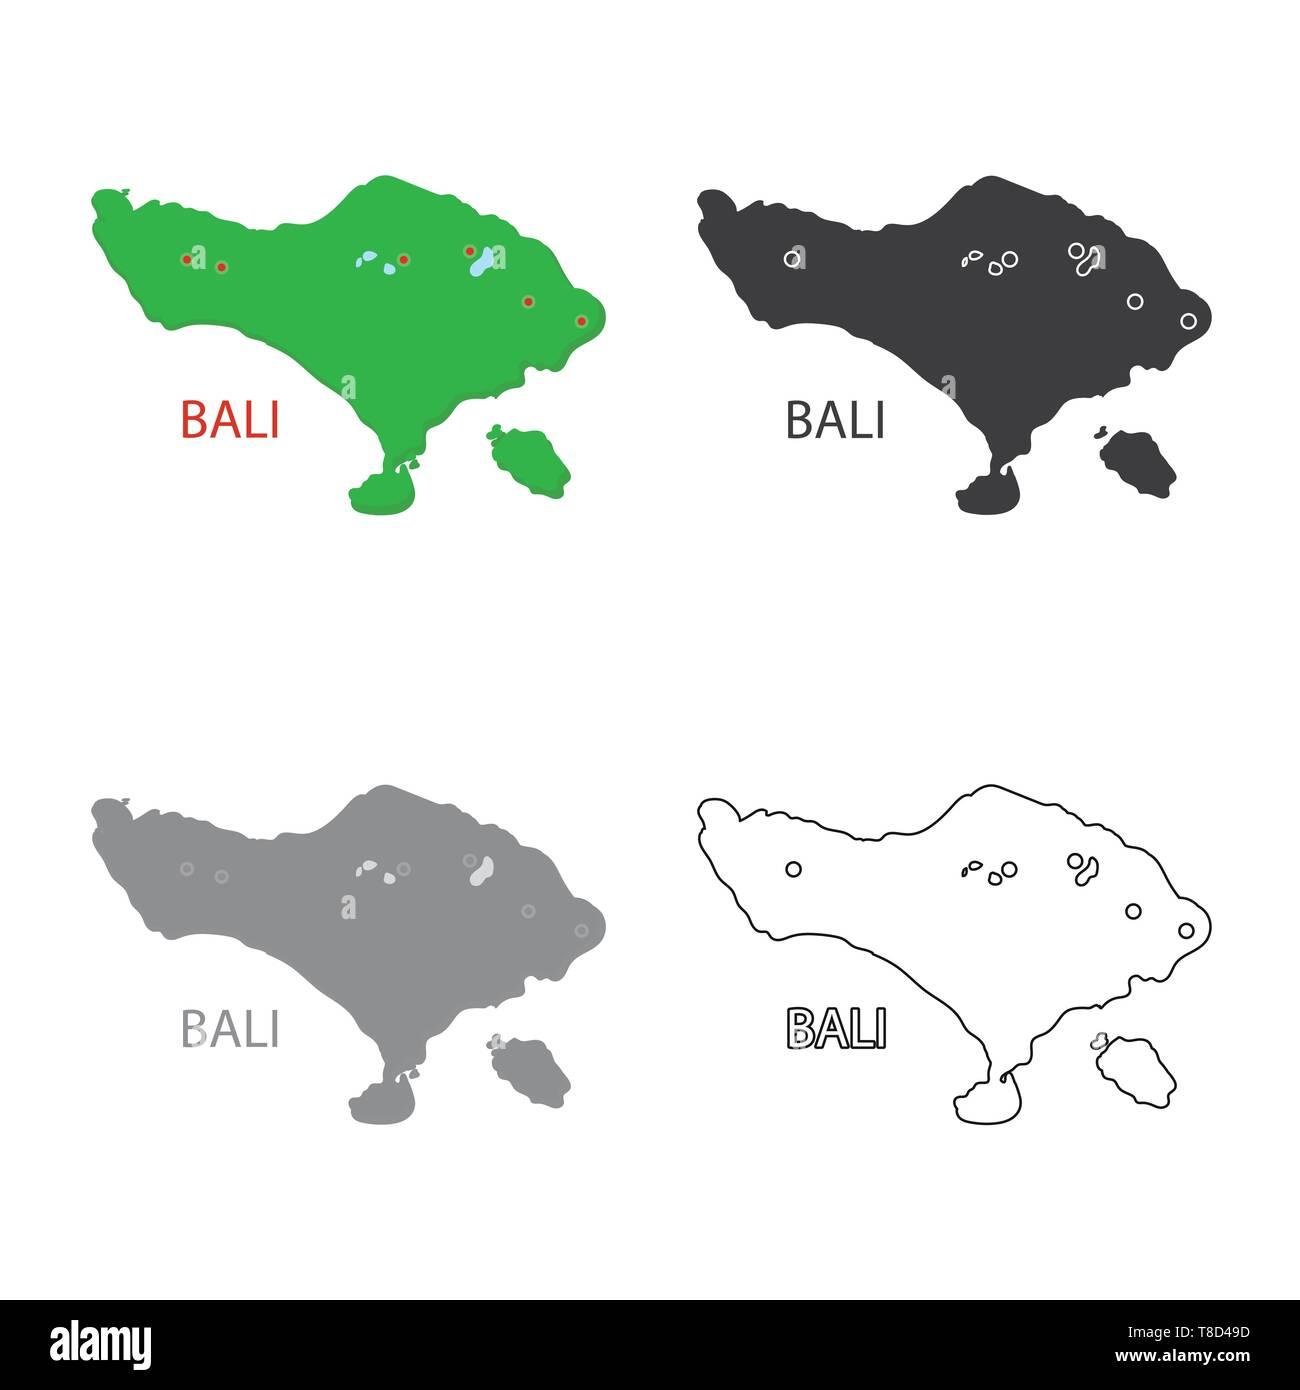 Bali Map Stock Photos Bali Map Stock Images Alamy